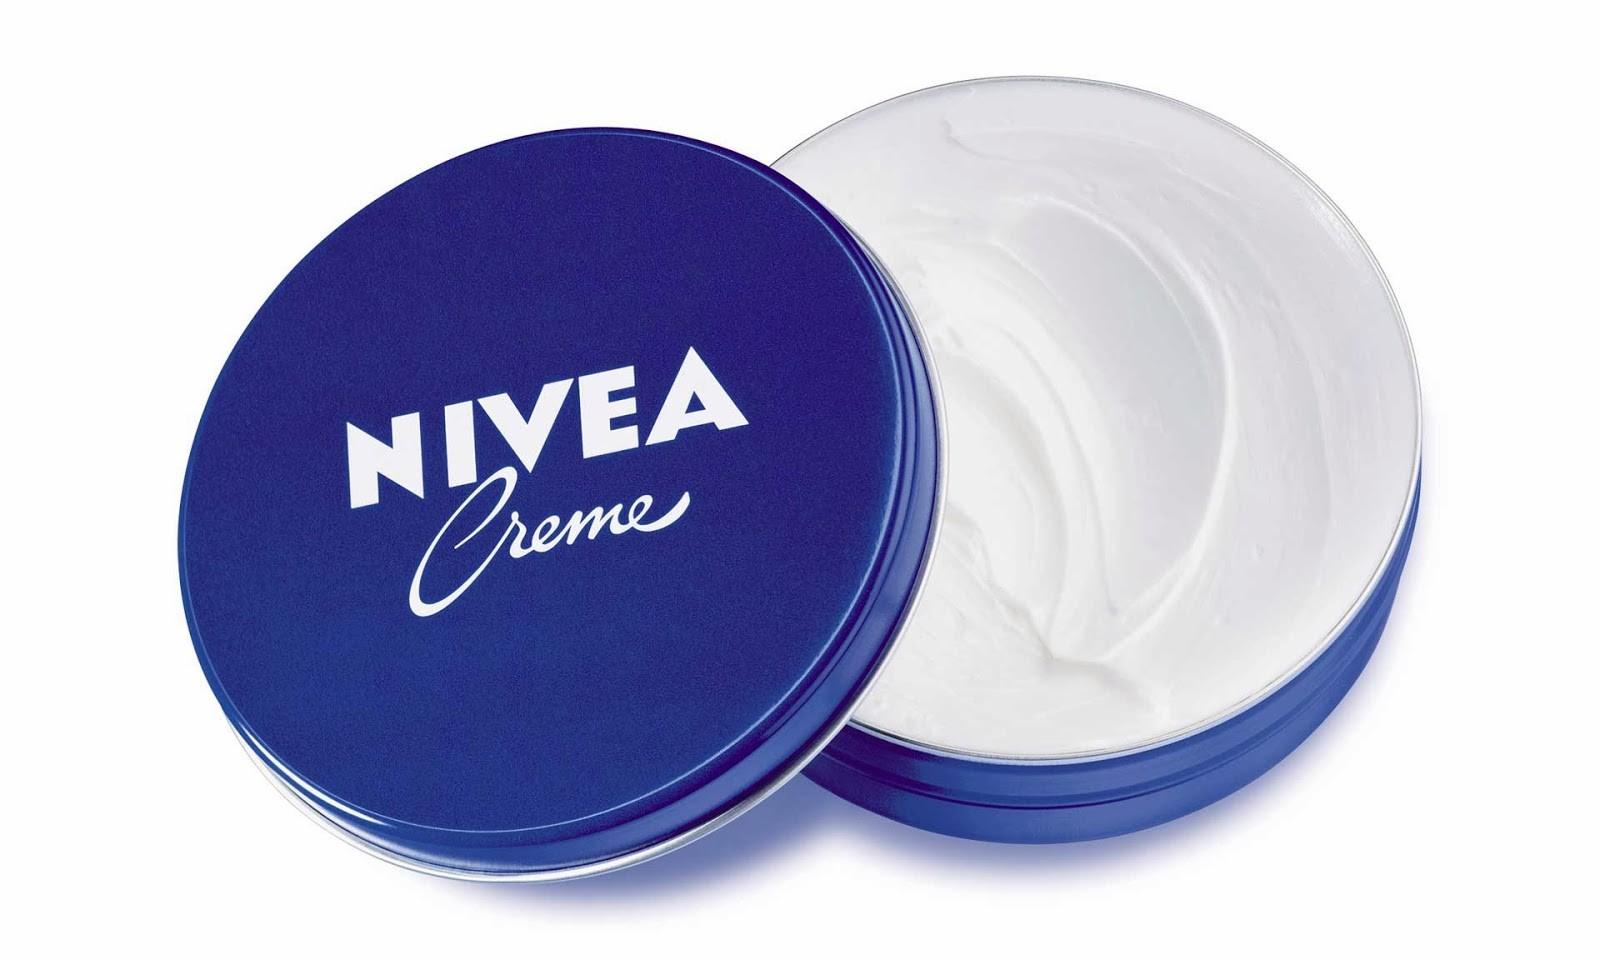 Nivea удалила расистскую рекламу своего дезодоранта